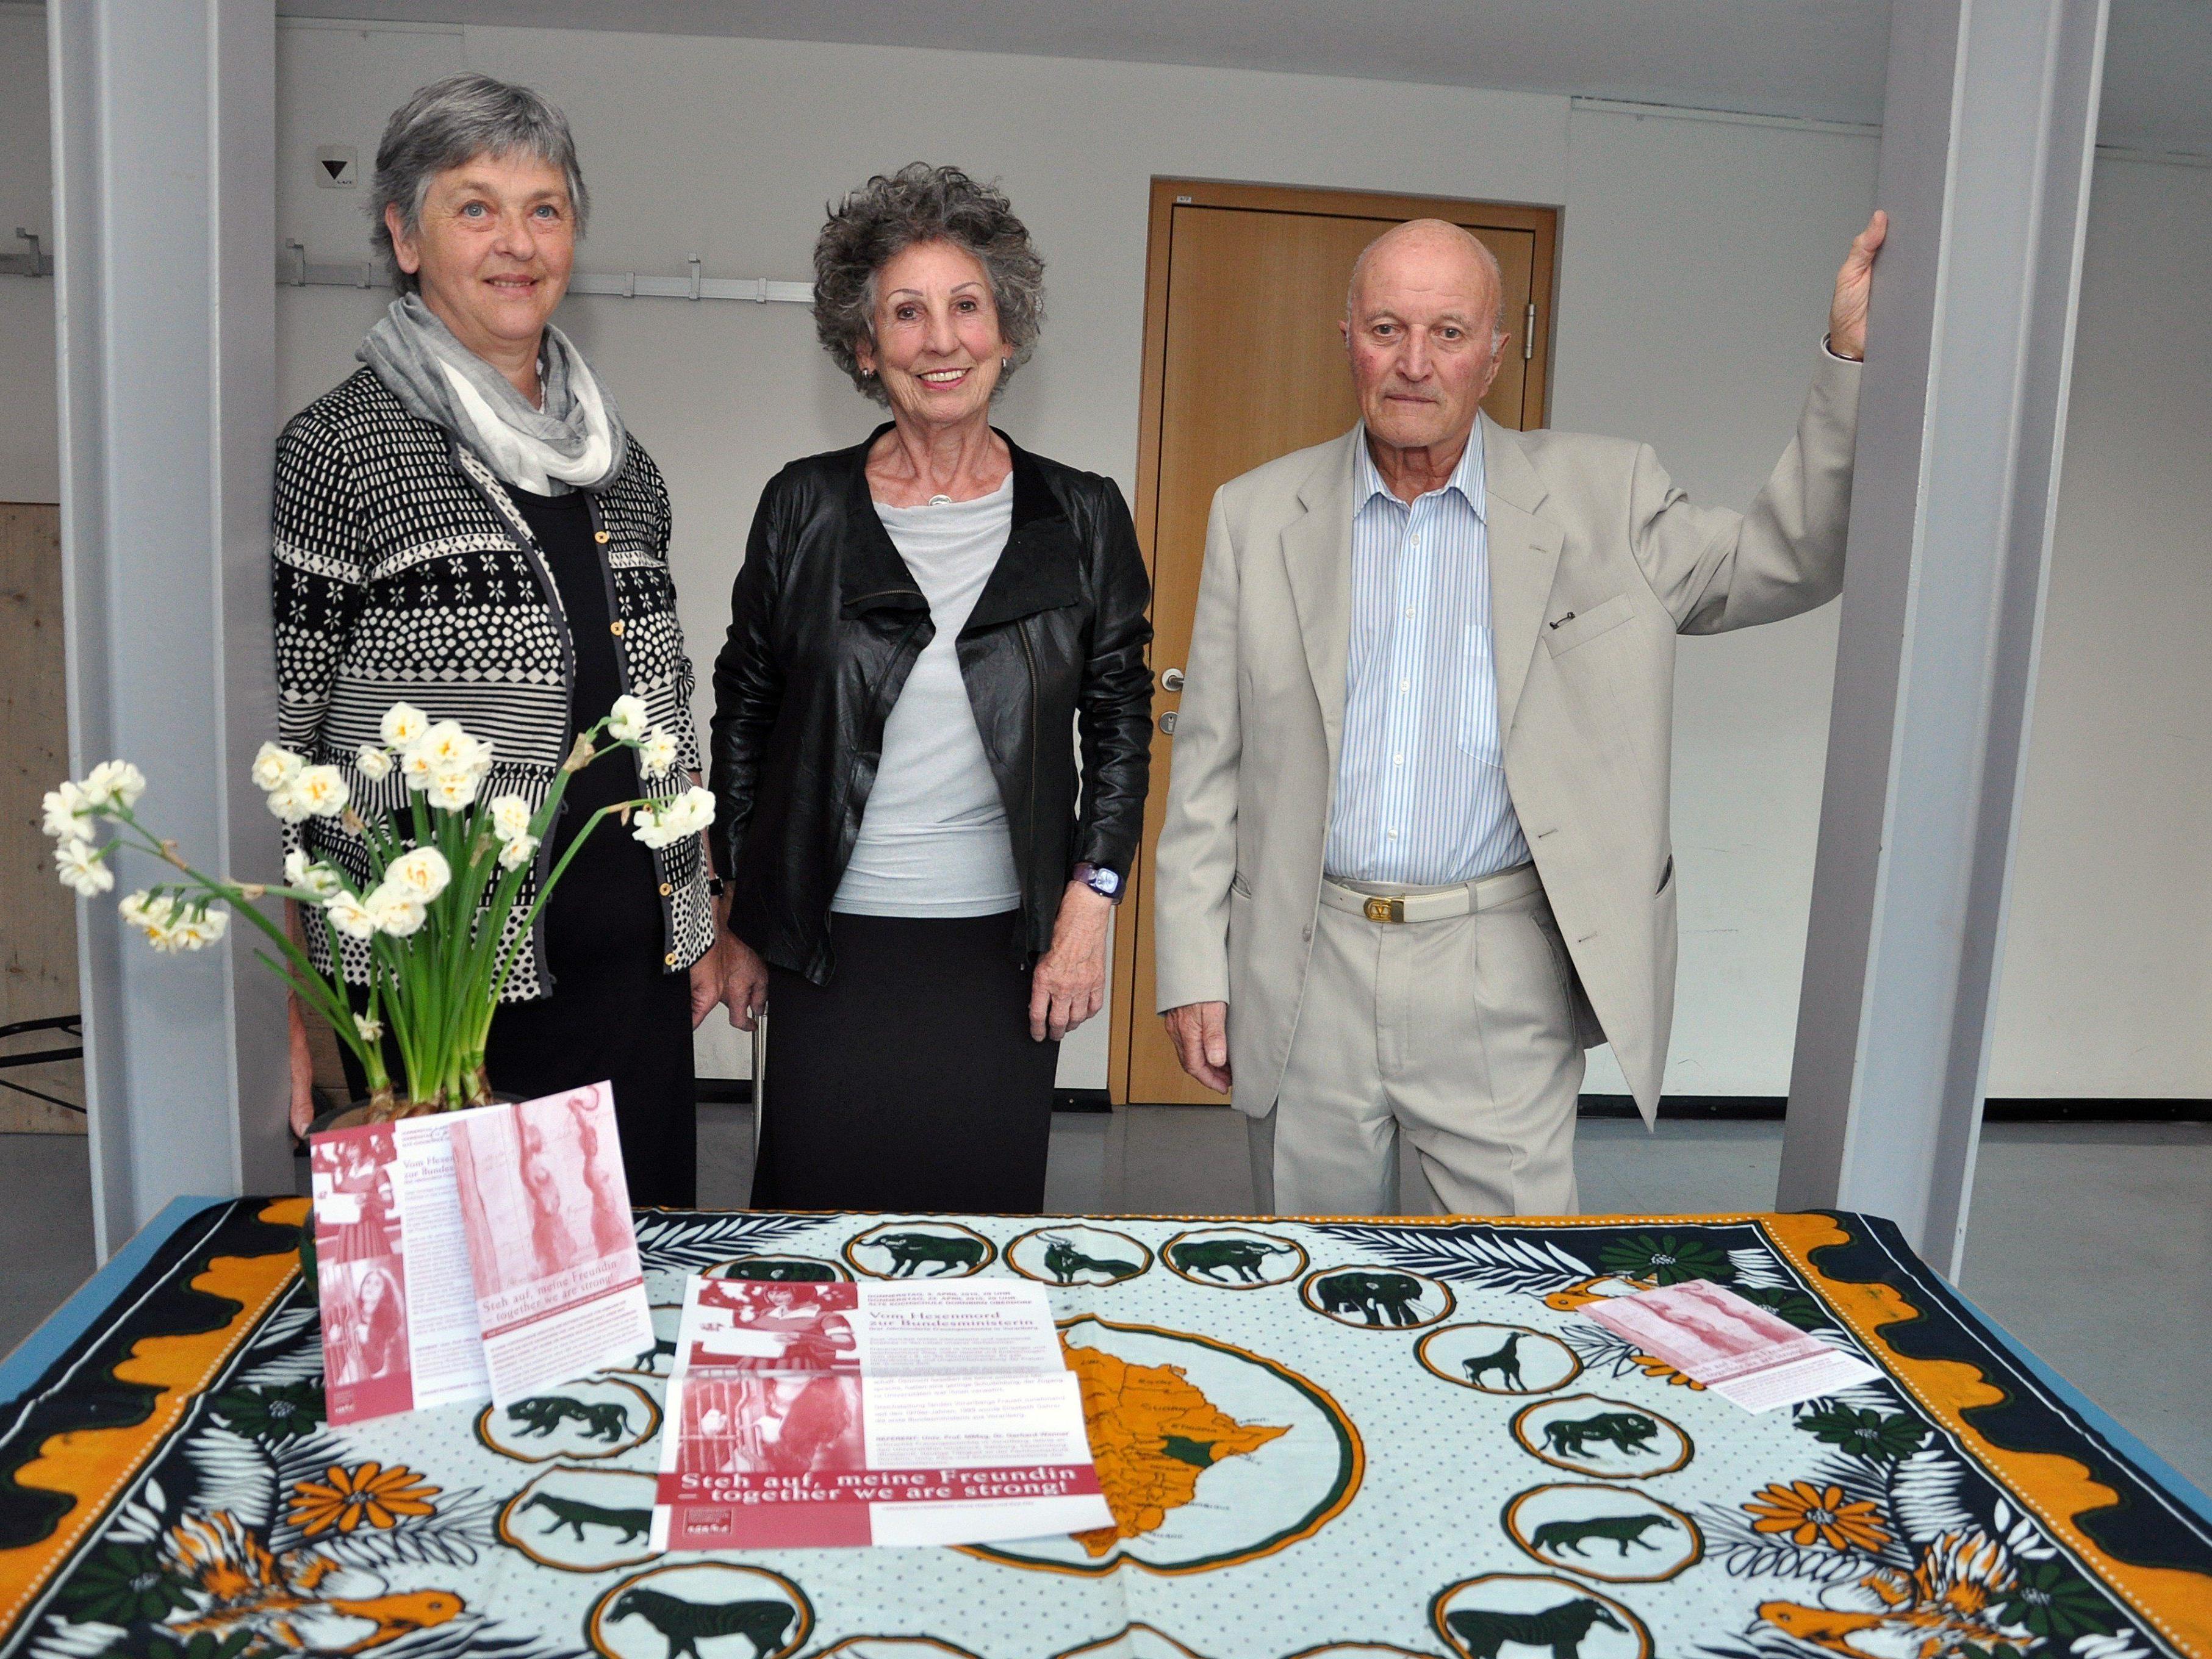 Der Referent Gerhard Wanner mit den Veranstalterinnen Anna Huber und Eva Fitz.